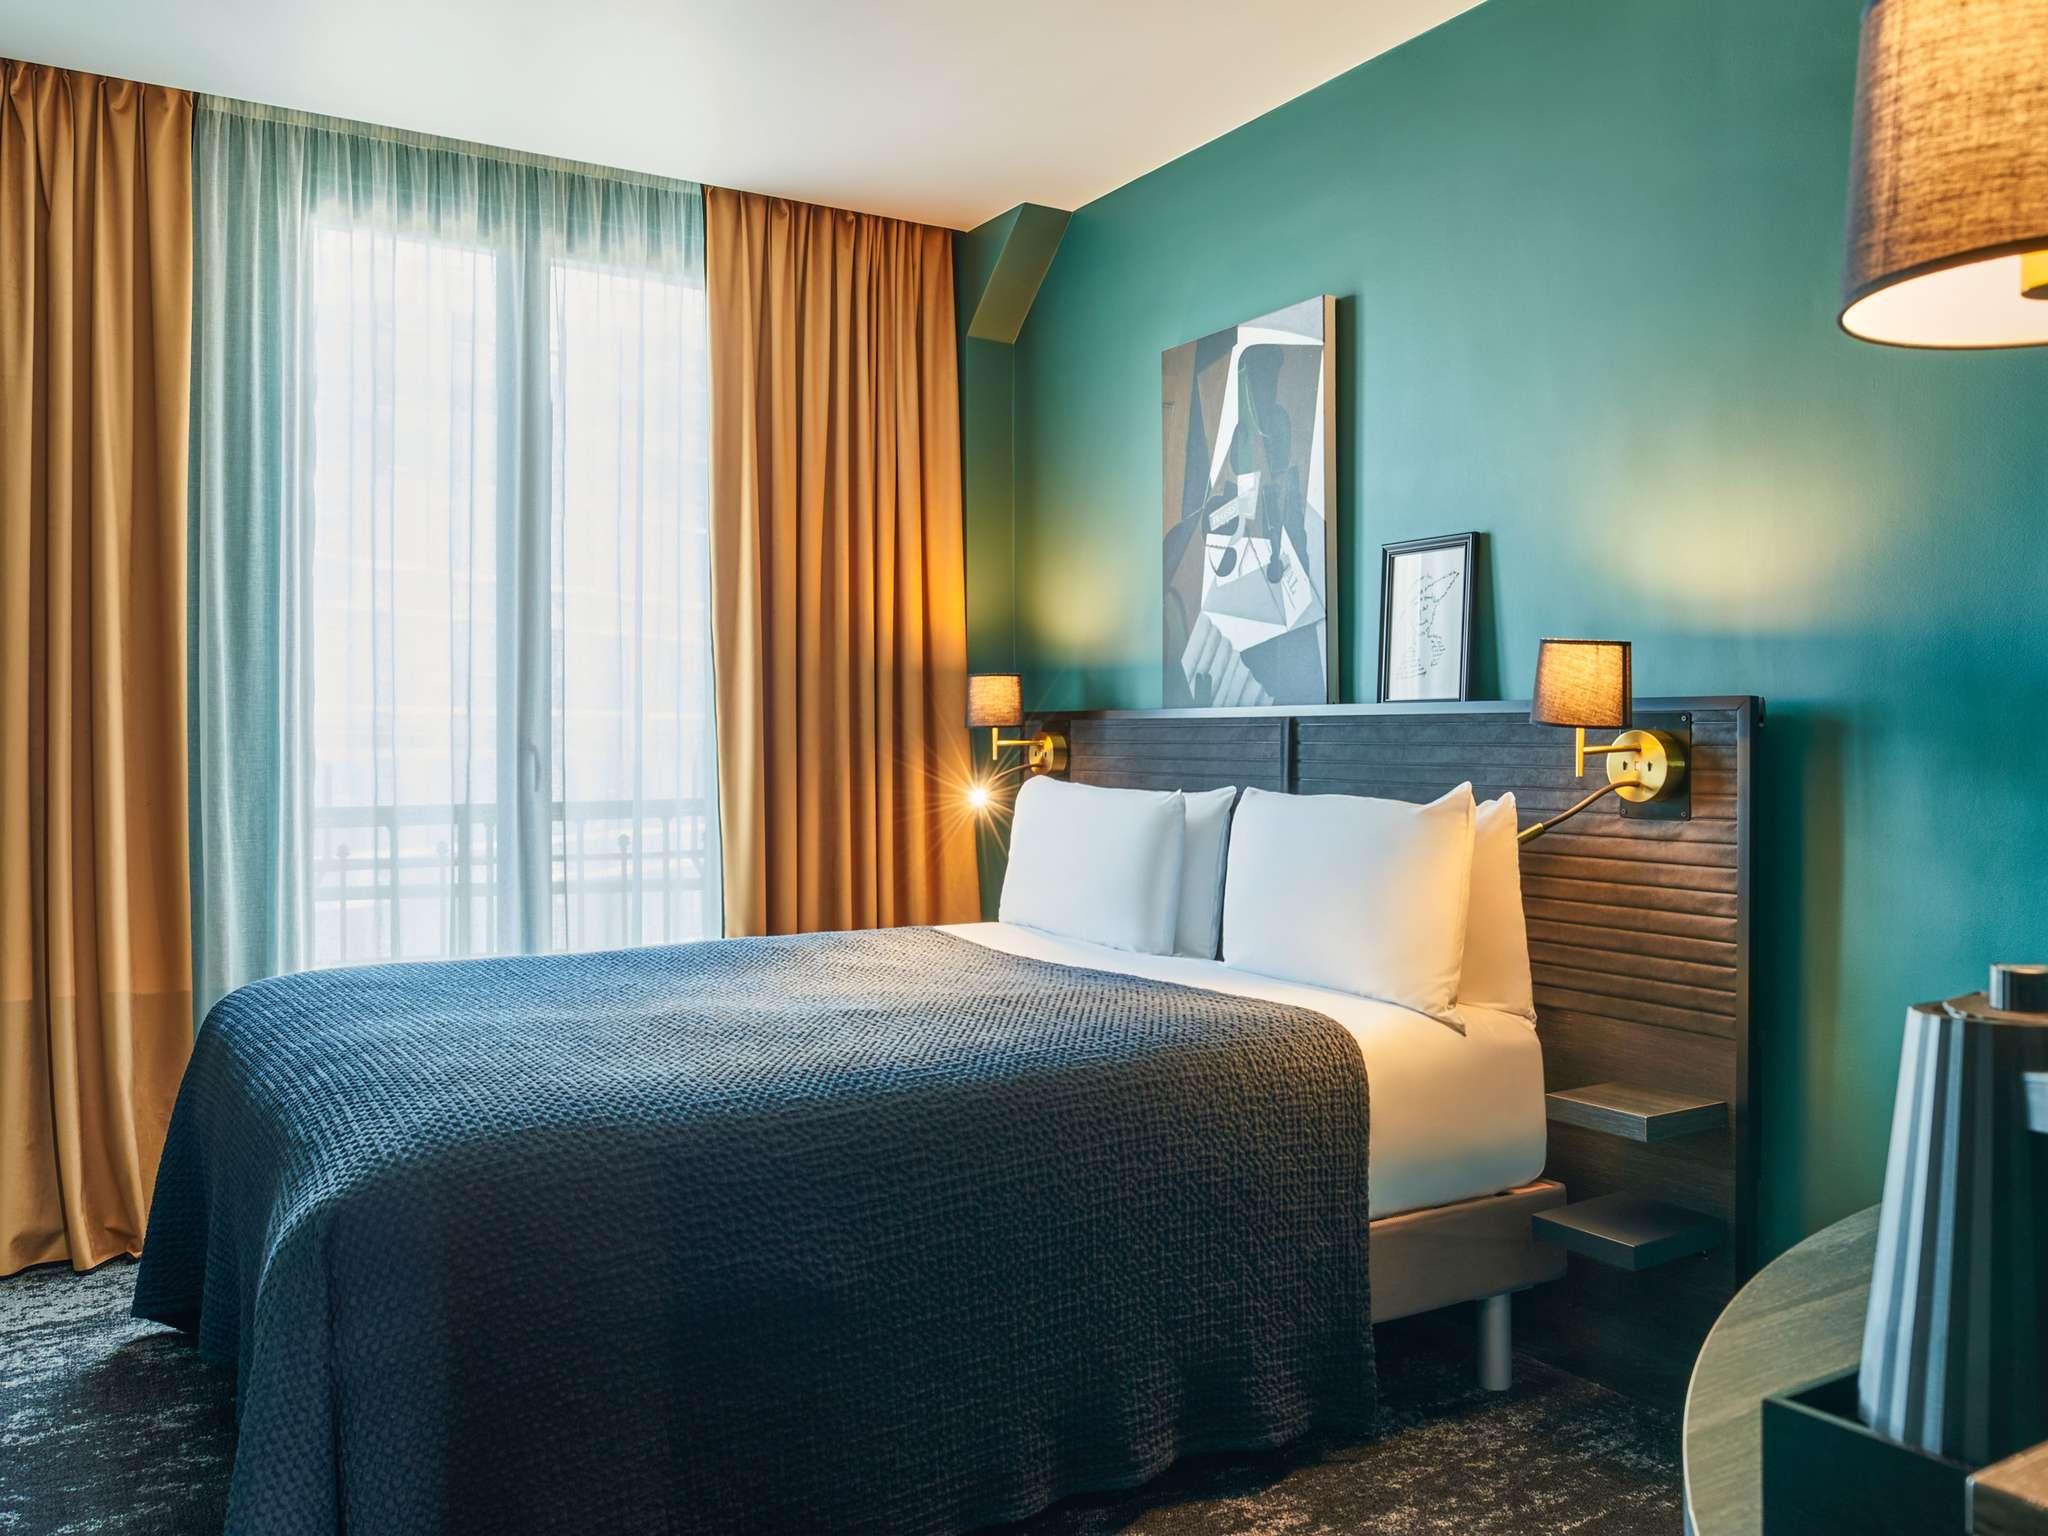 酒店 – 巴黎埃菲尔铁塔米拉波桥美居酒店